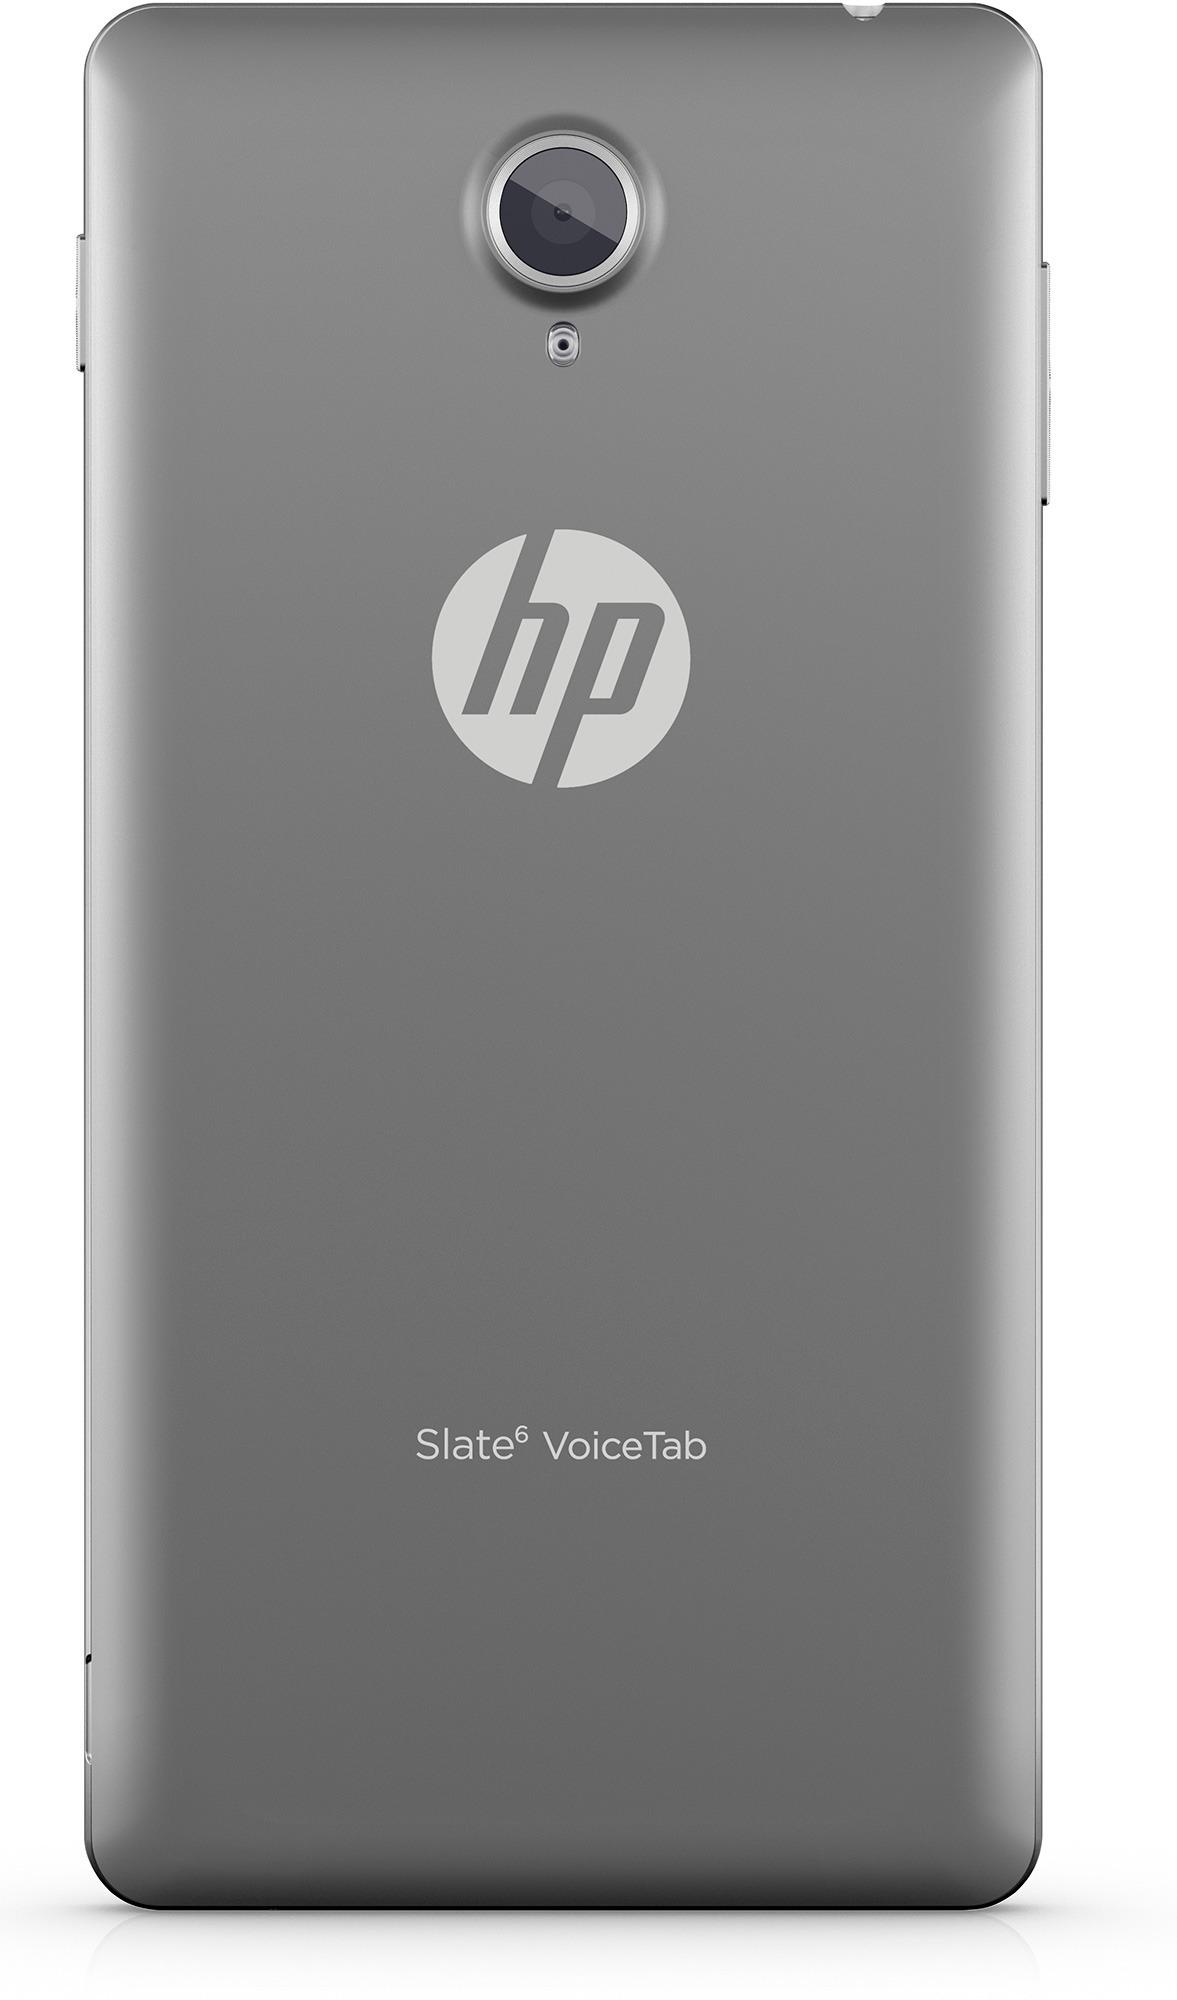 HP Slate6 VoiceTab 6001en - 6